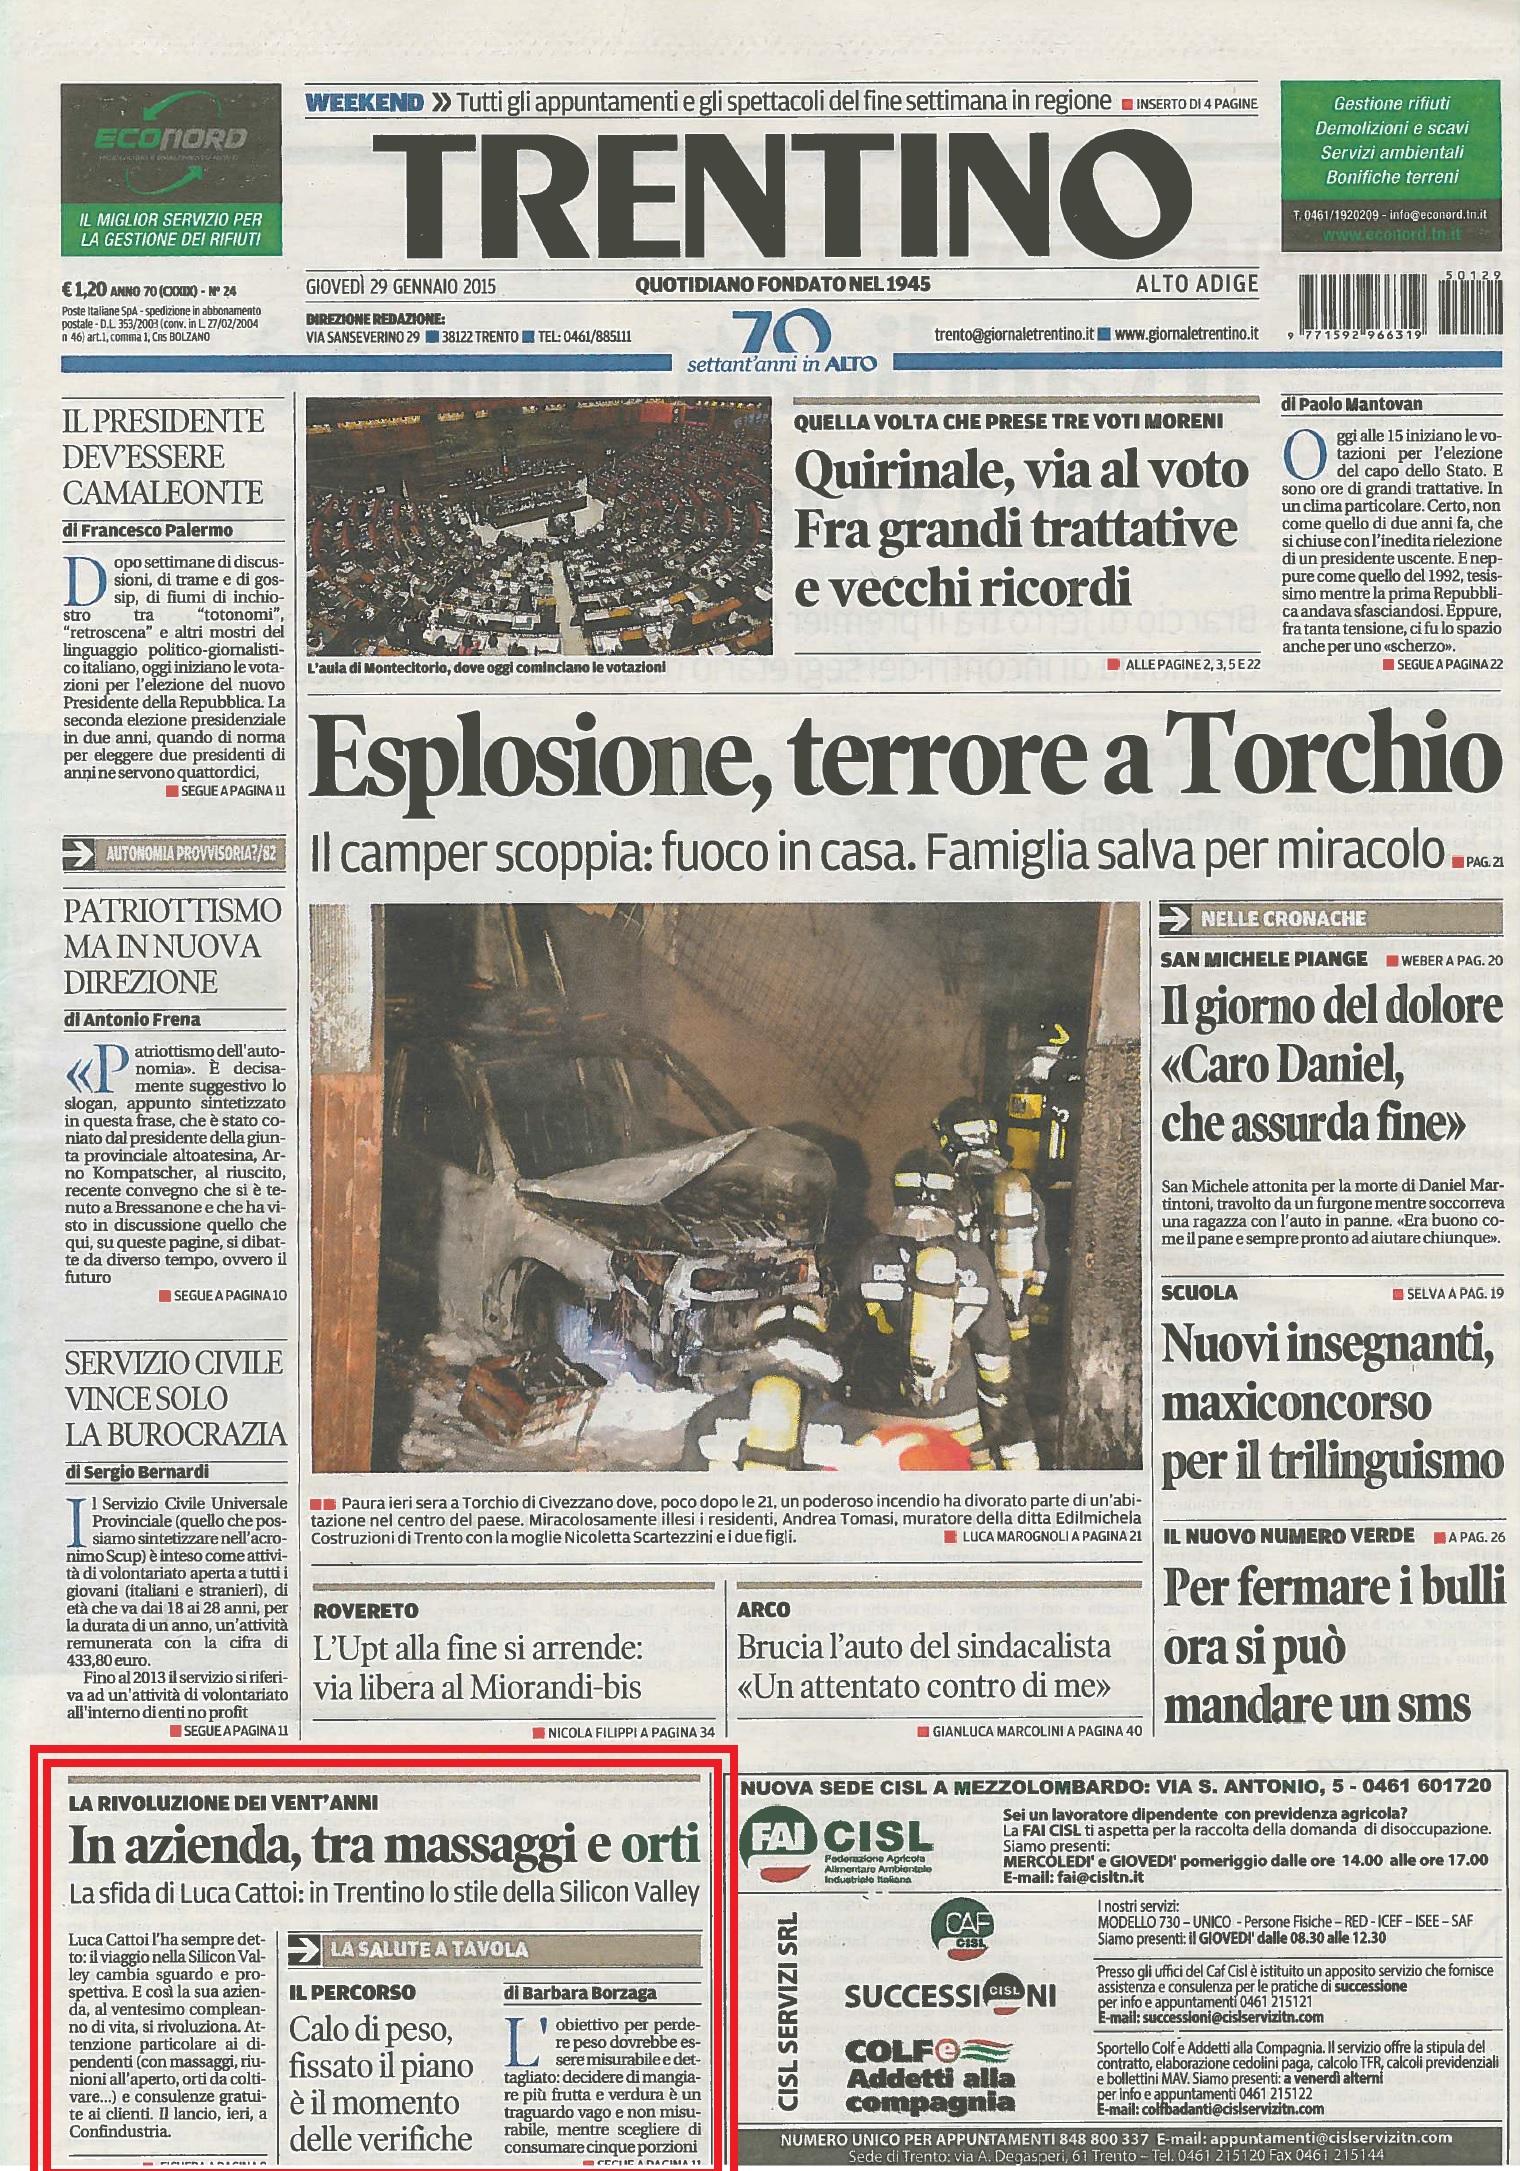 Il progetto 4Local di GRAFFITI sulla prima pagina del Trentino